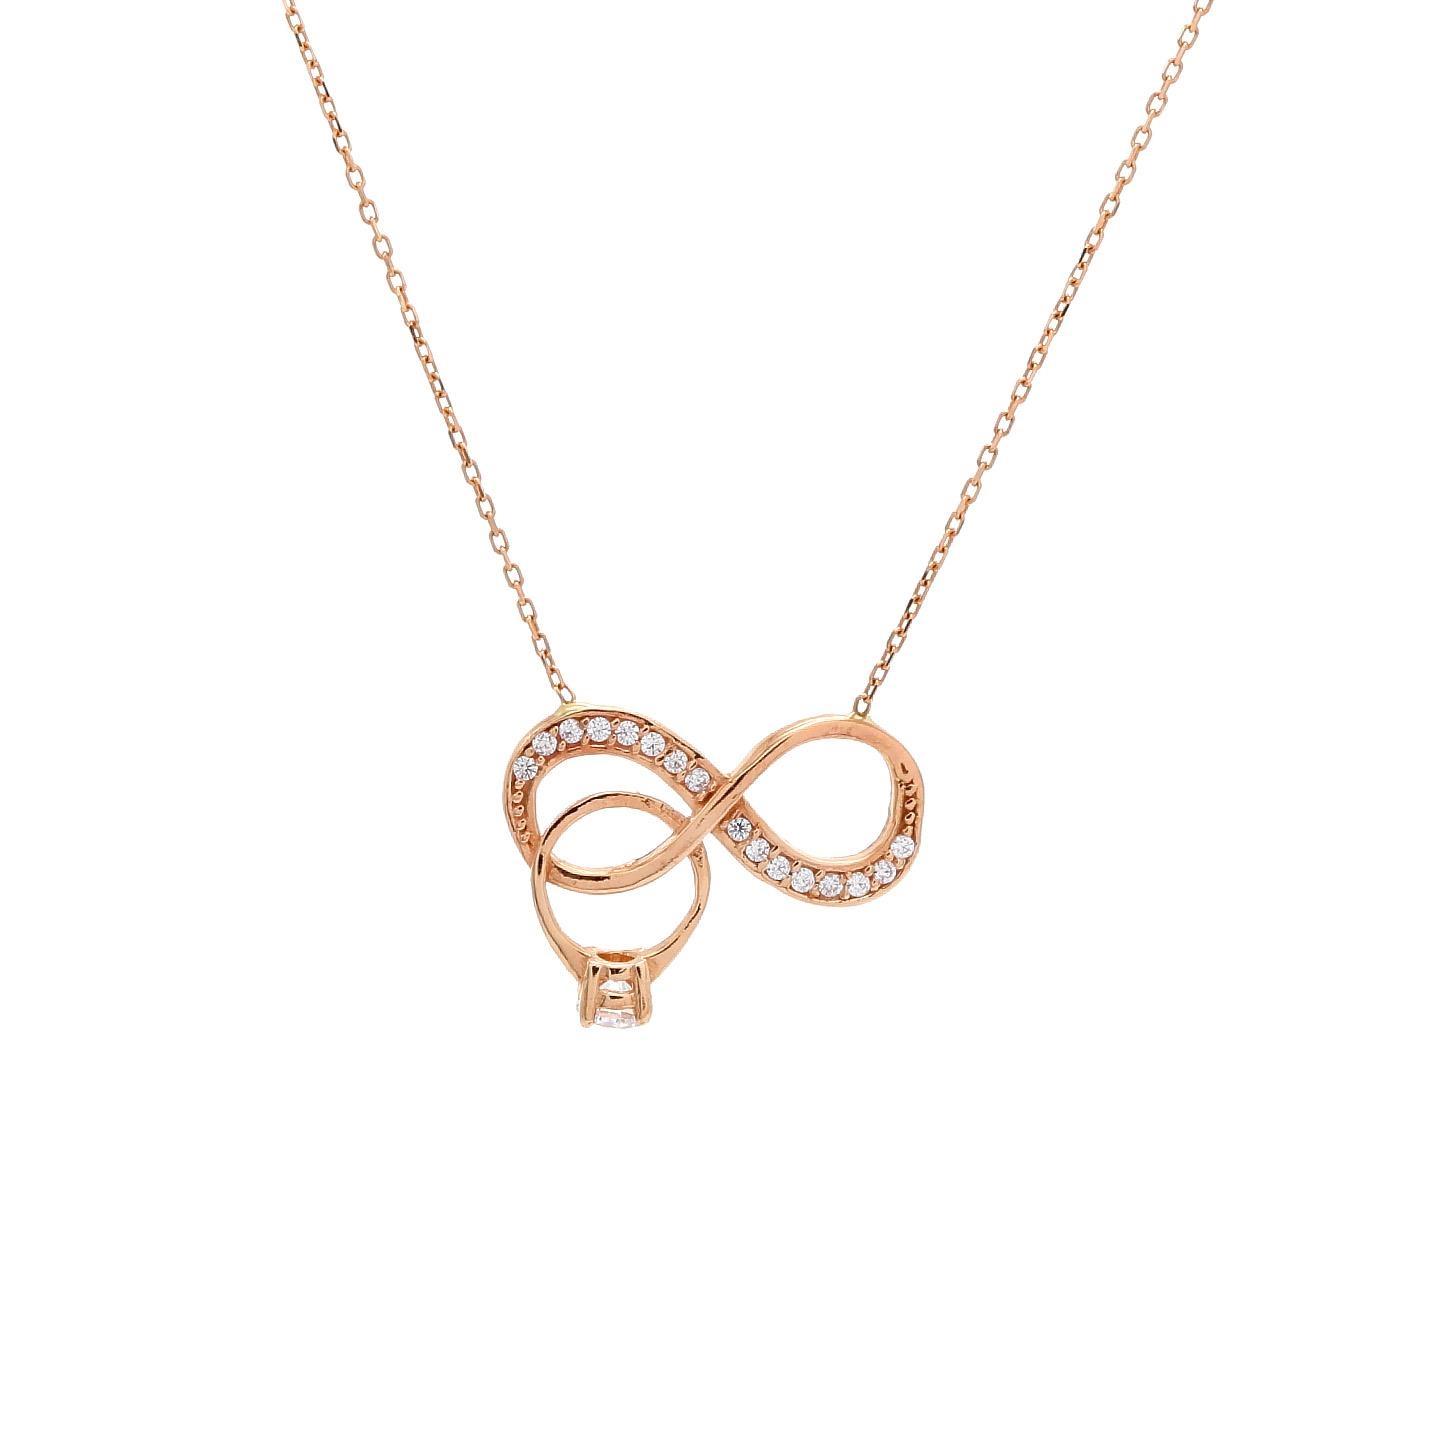 Zlatý náhrdelník NEKONEČNO s prsteňom